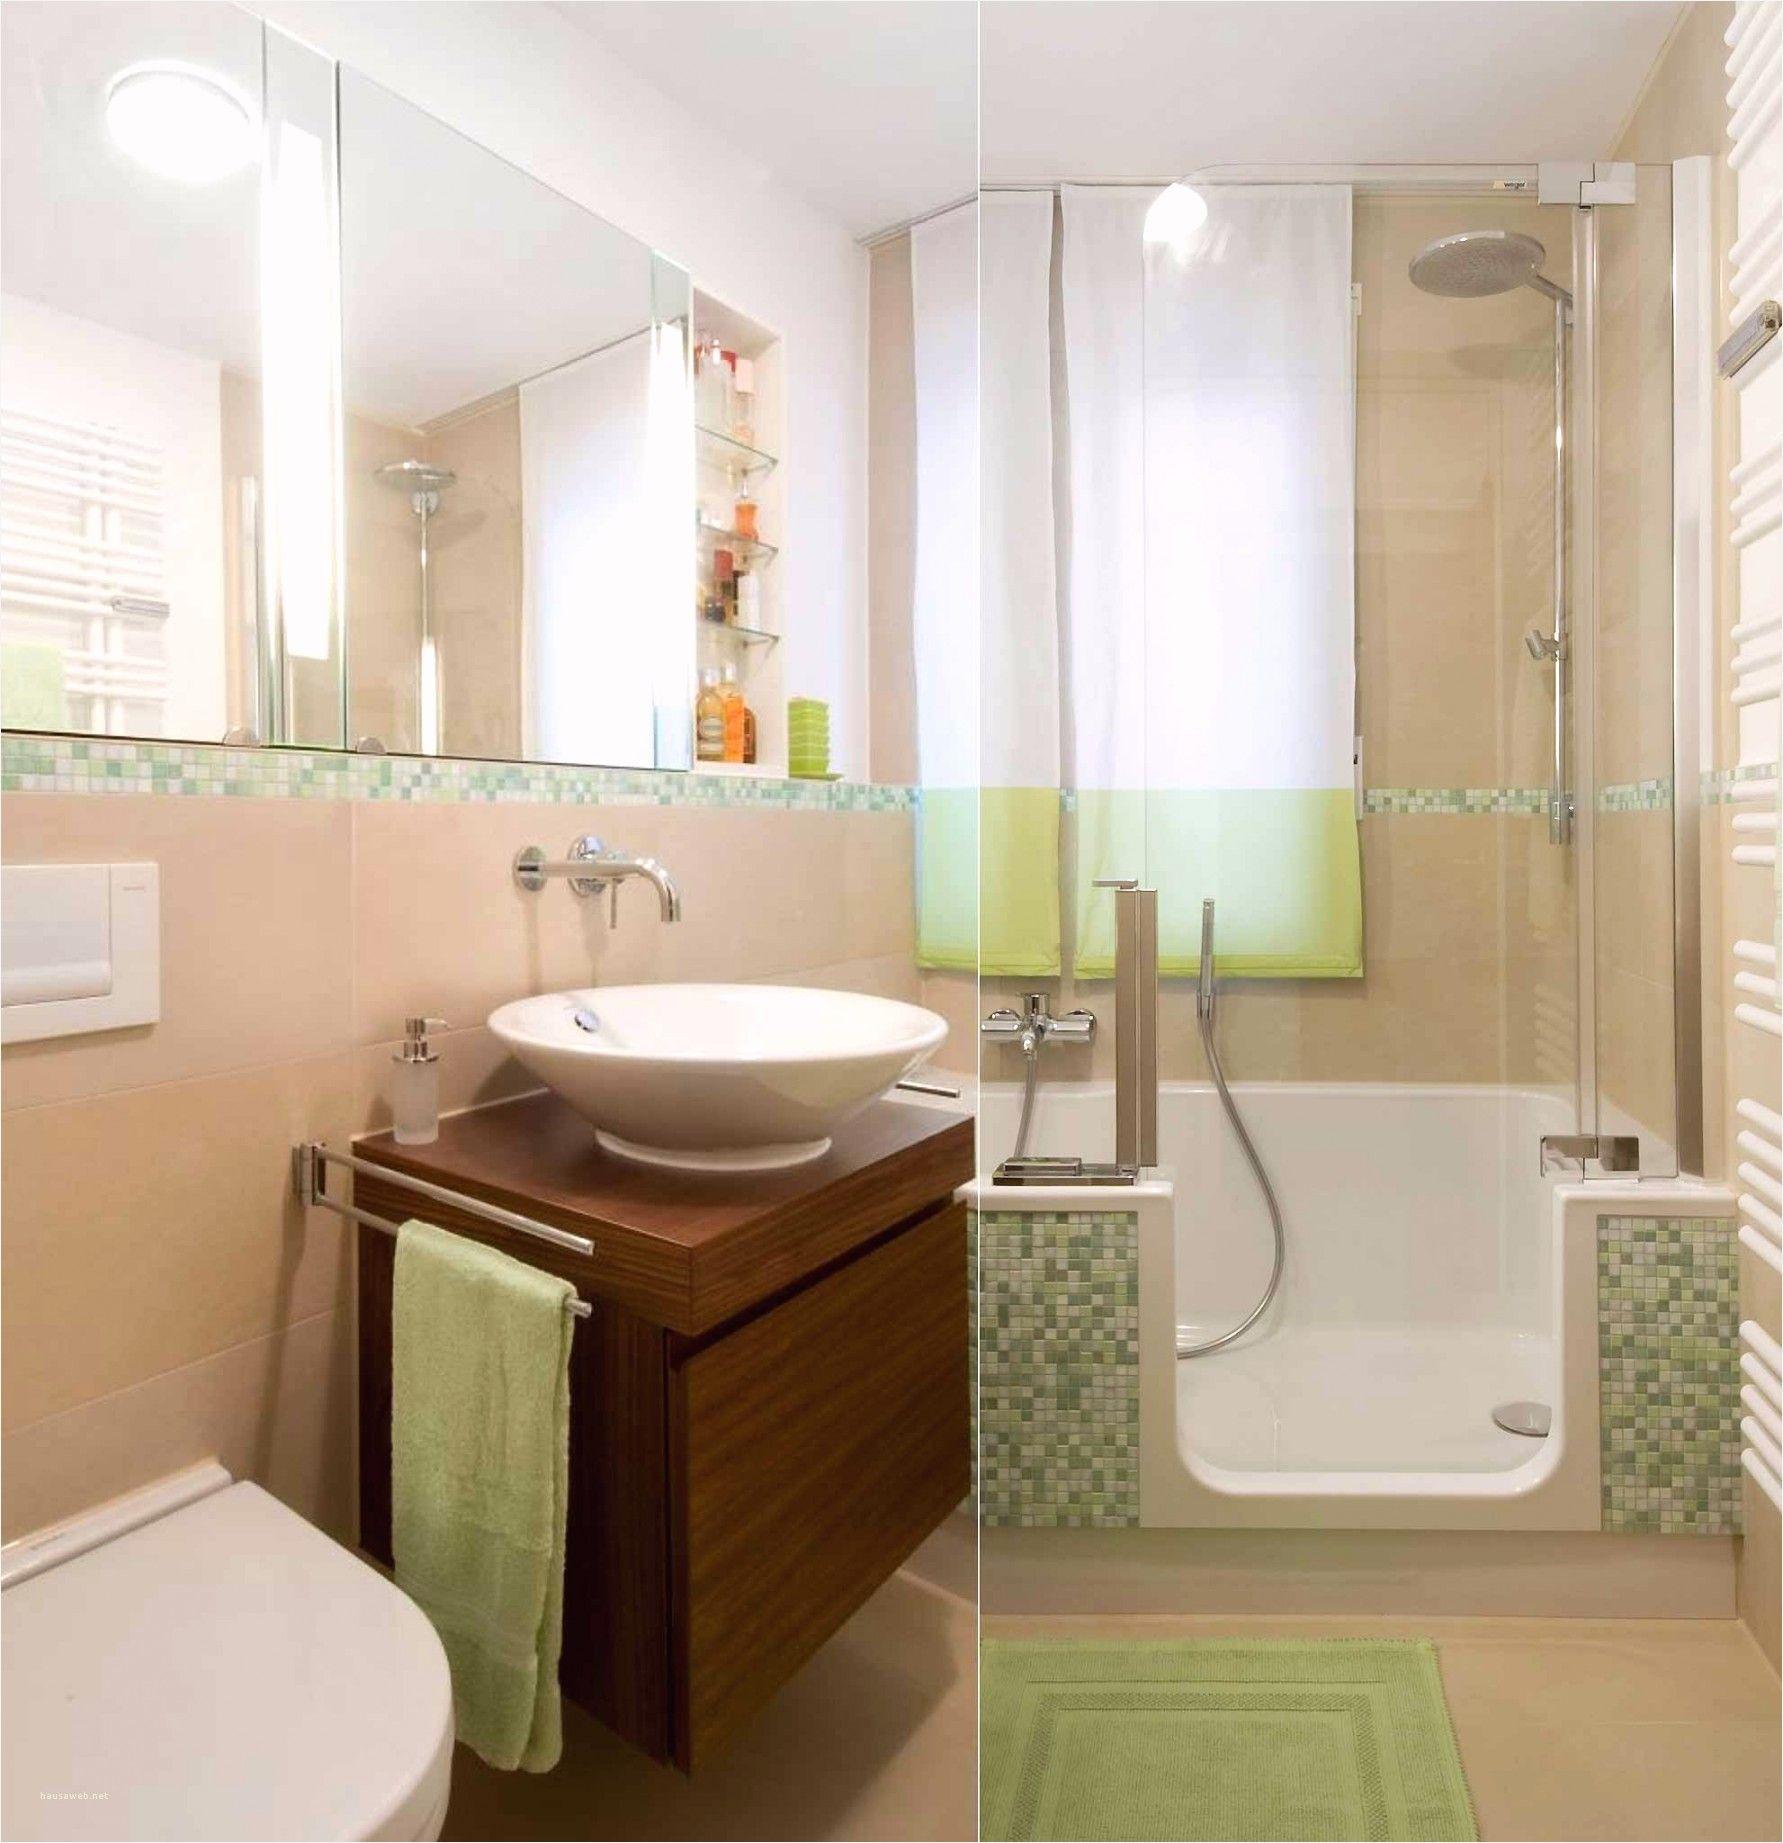 Elegant Begehbare Badewanne Begehbare Badewanne Badewanne Badezimmer Ohne Fenster